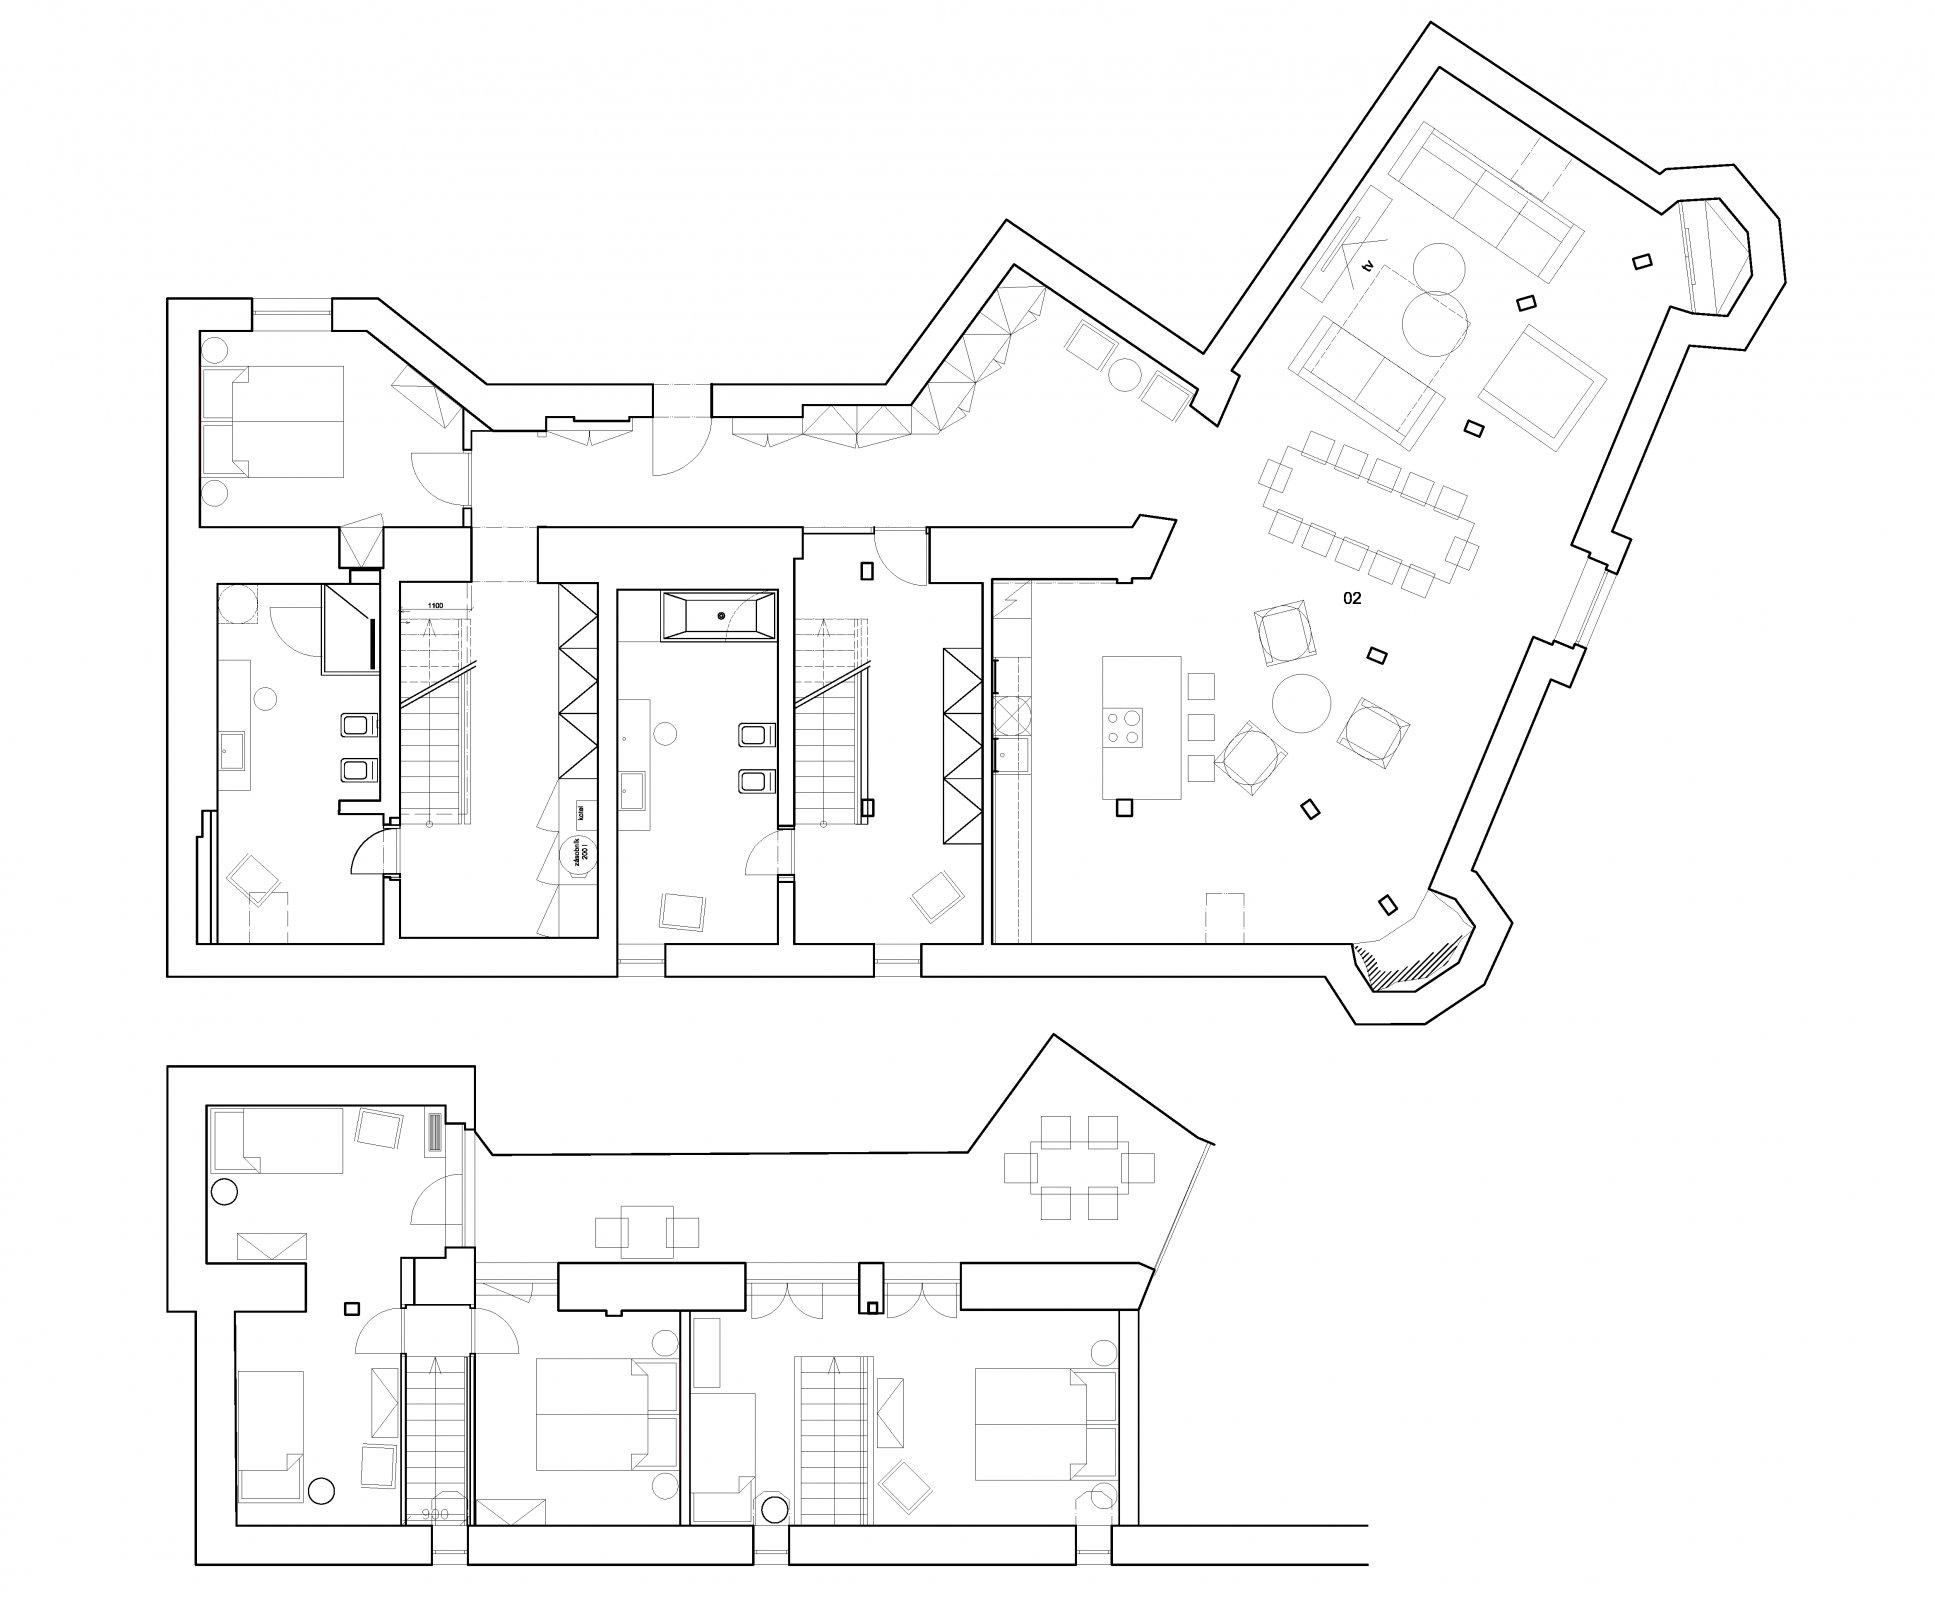 Půdorys - Půdní byt 5+kk, plocha 208 m², ulice Vodičkova, Praha 1 - Nové Město